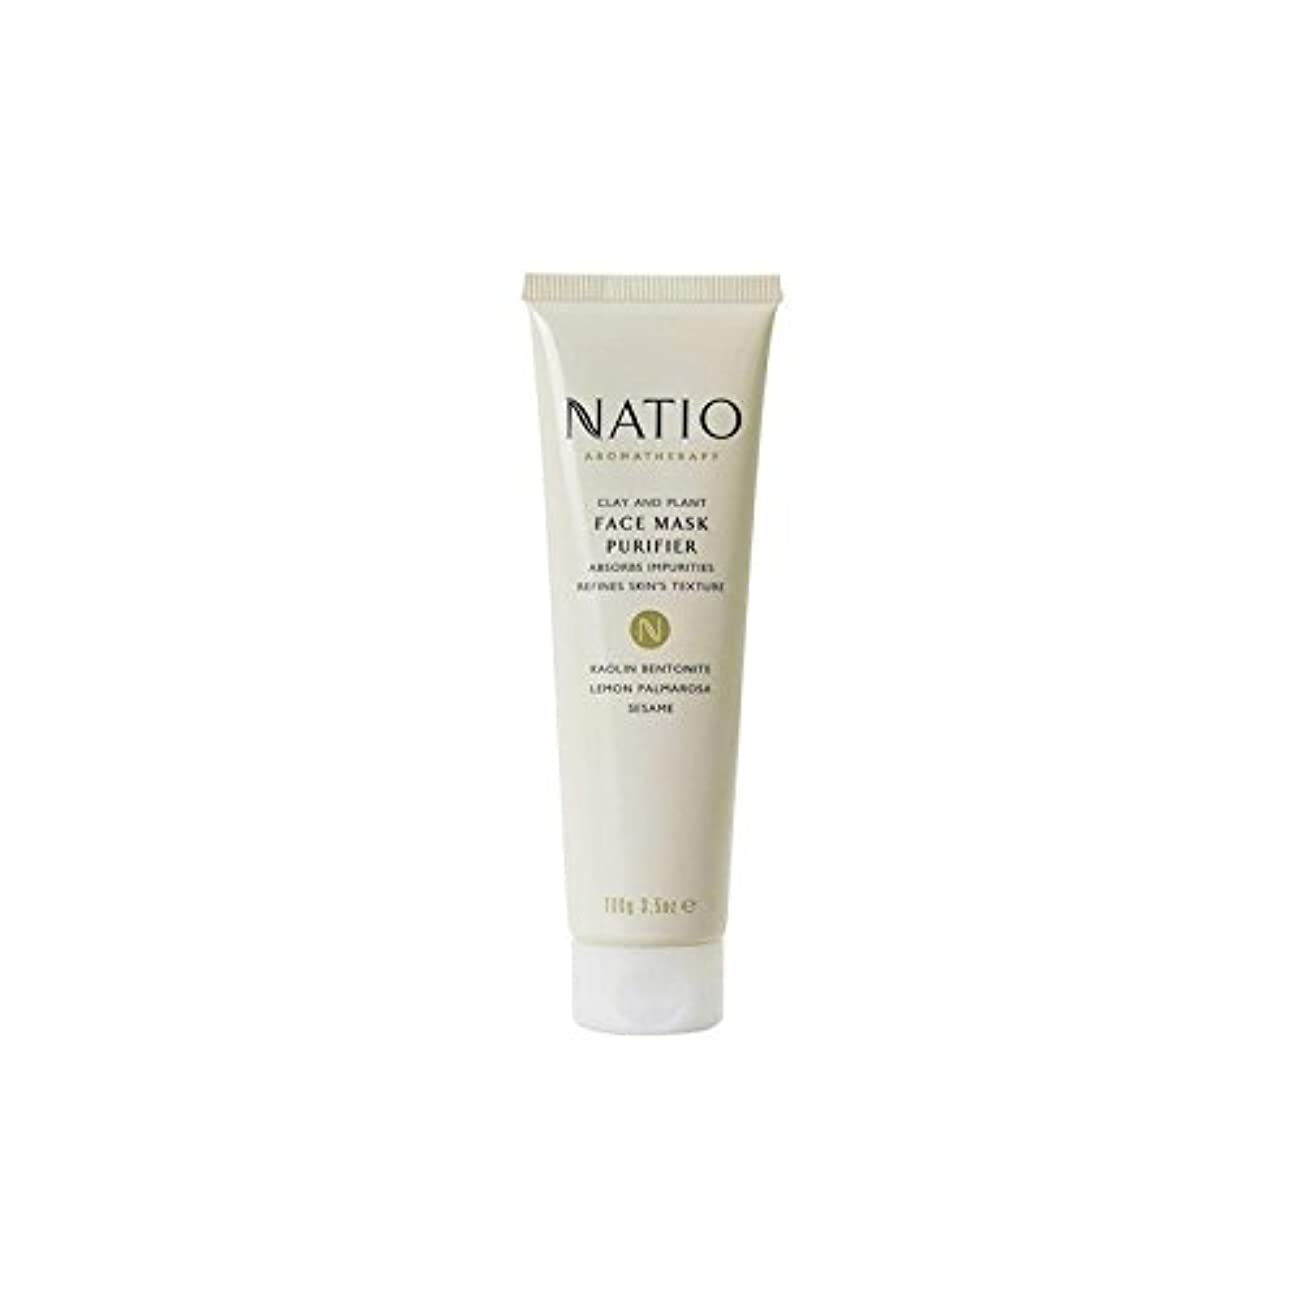 パンツ作成者過敏なNatio Clay & Plant Face Mask Purifier (100G) (Pack of 6) - 粘土&植物フェイスマスクの浄化(100グラム) x6 [並行輸入品]